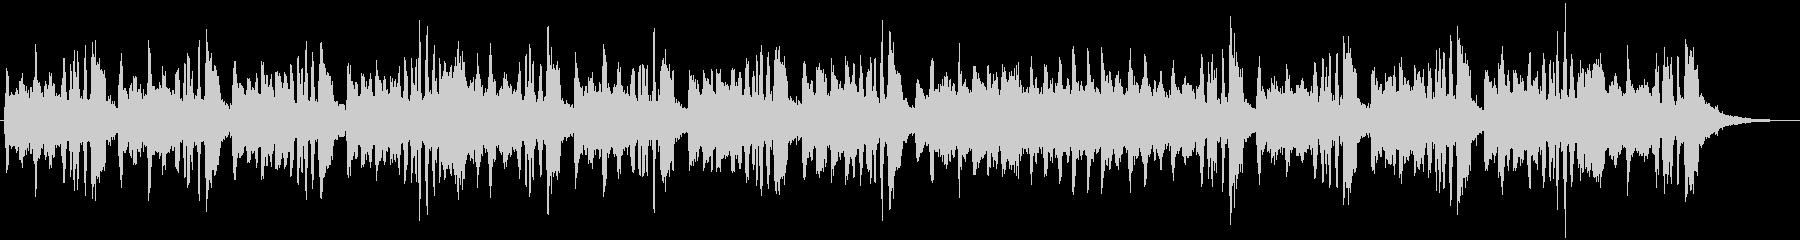 アコーディオンとストリングスのジングルの未再生の波形